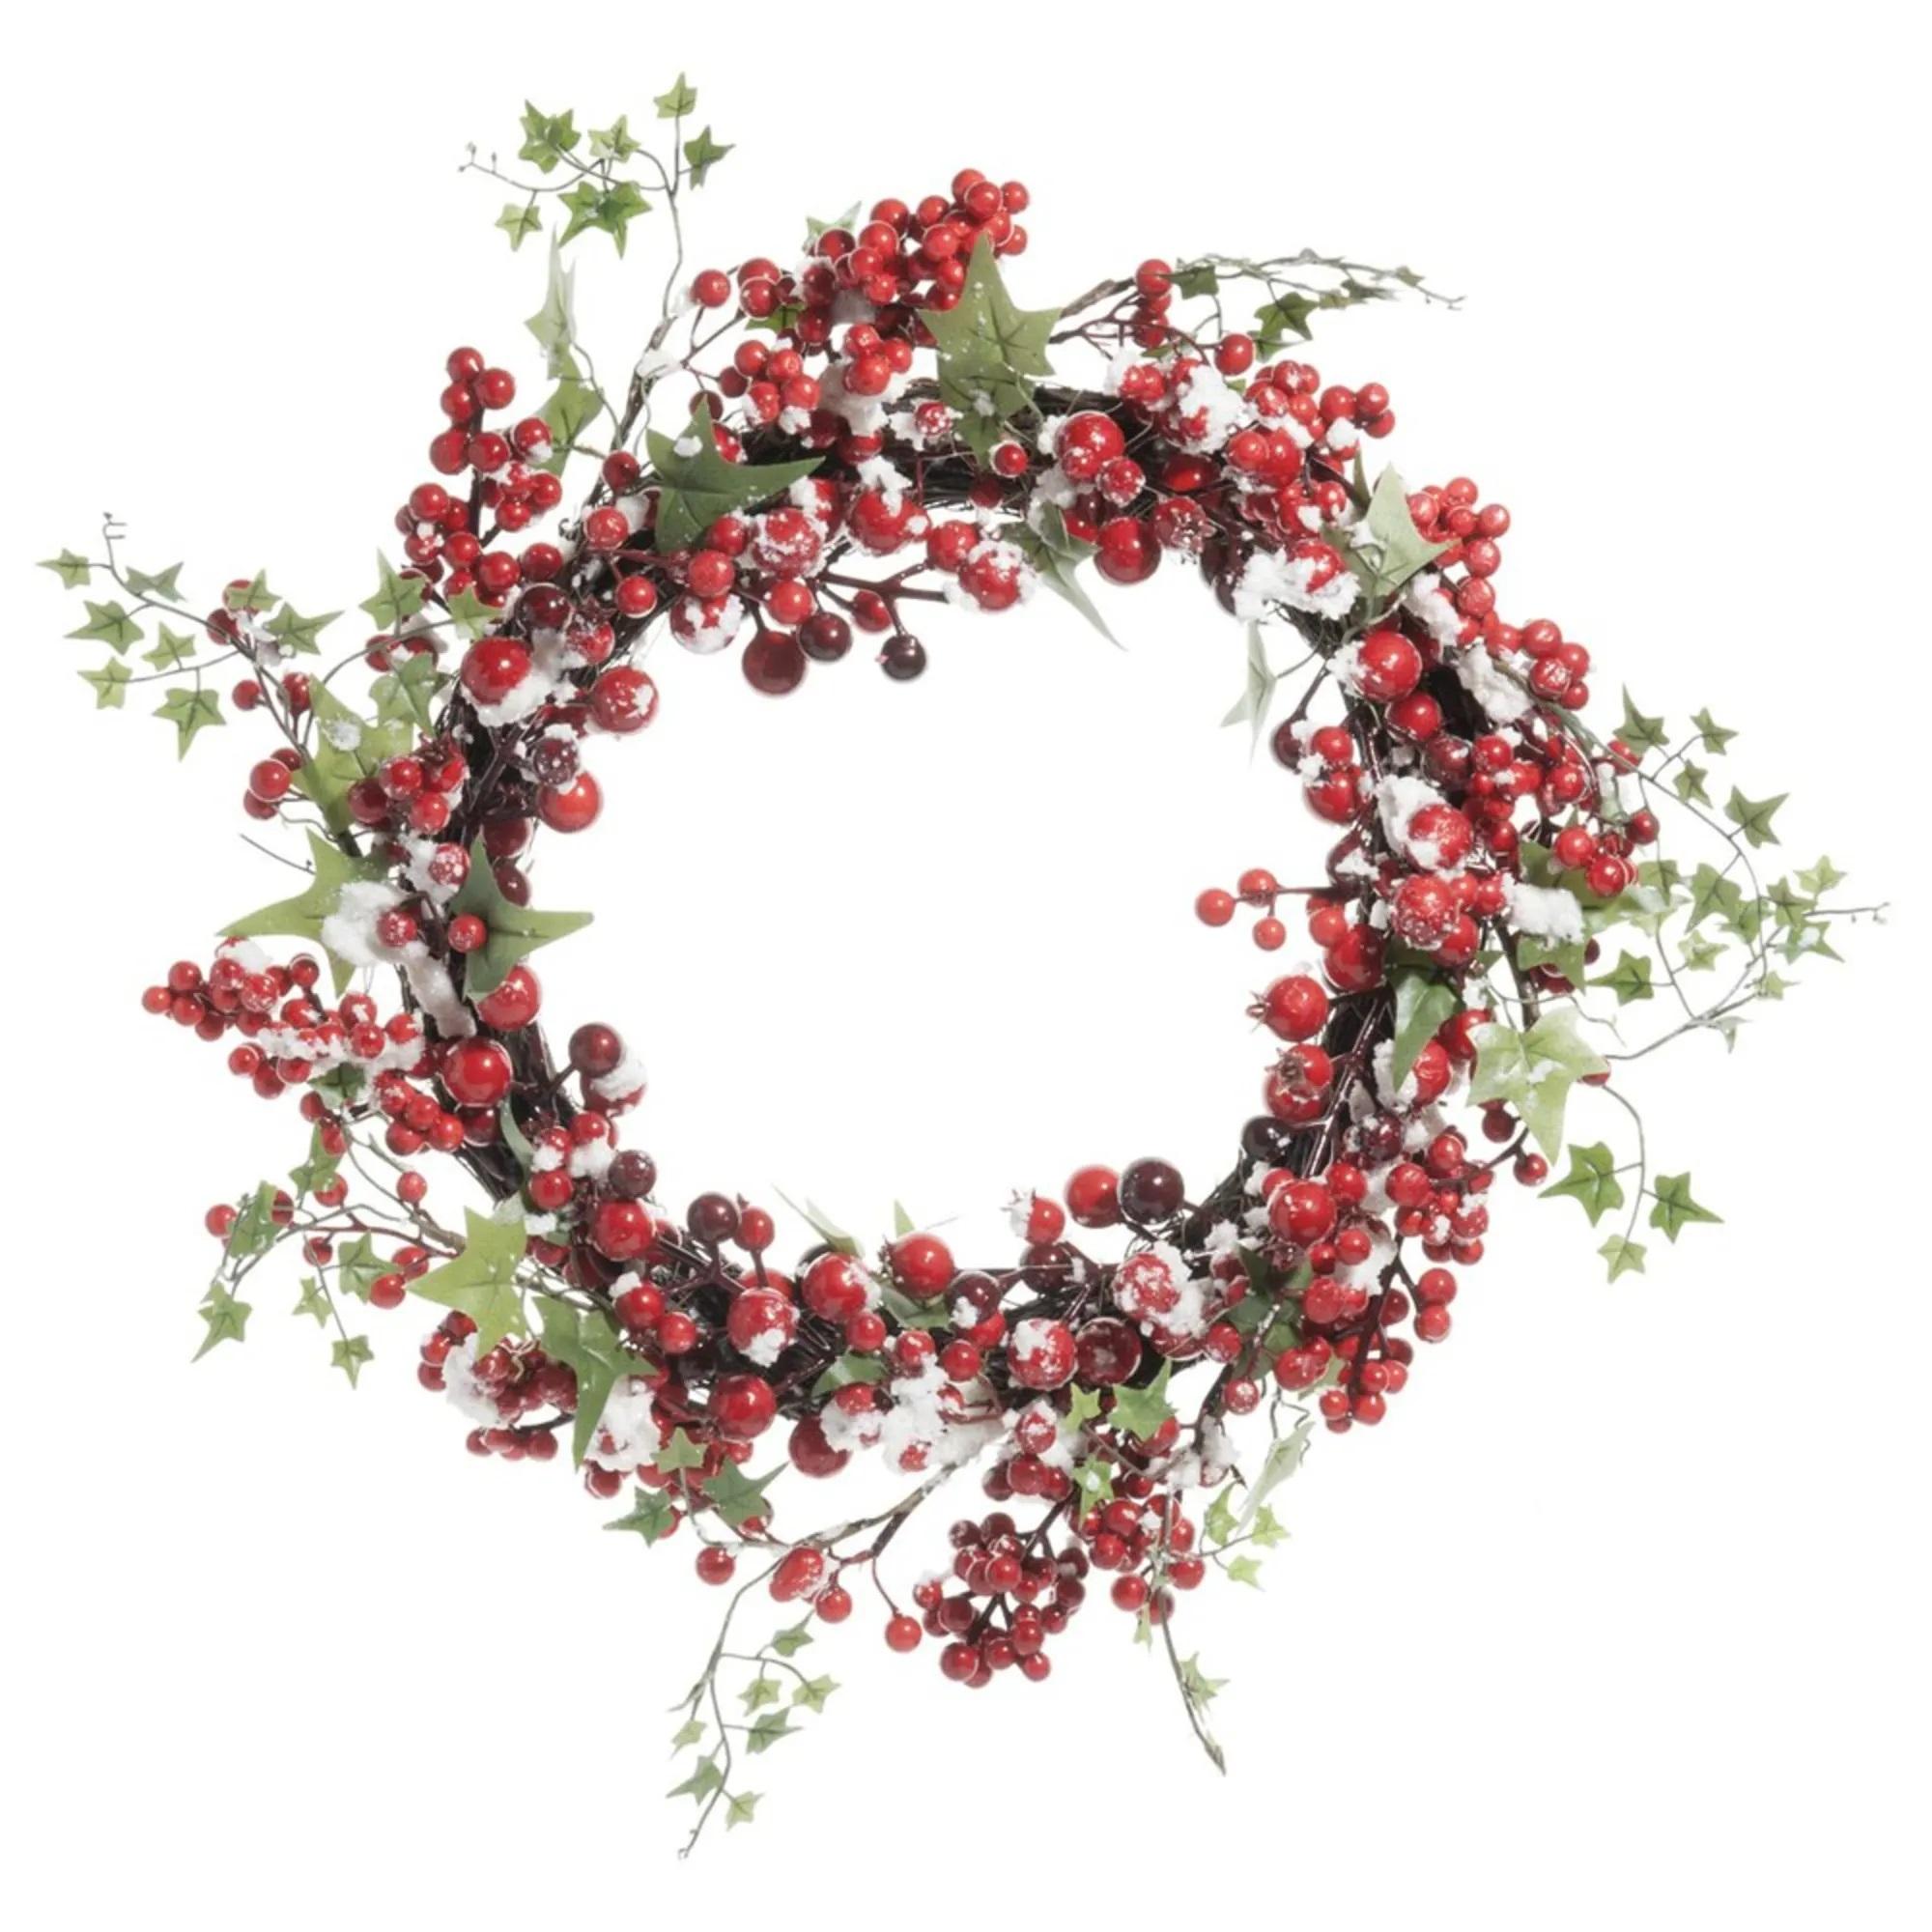 Corona de Navidad artificial con bayas rojas